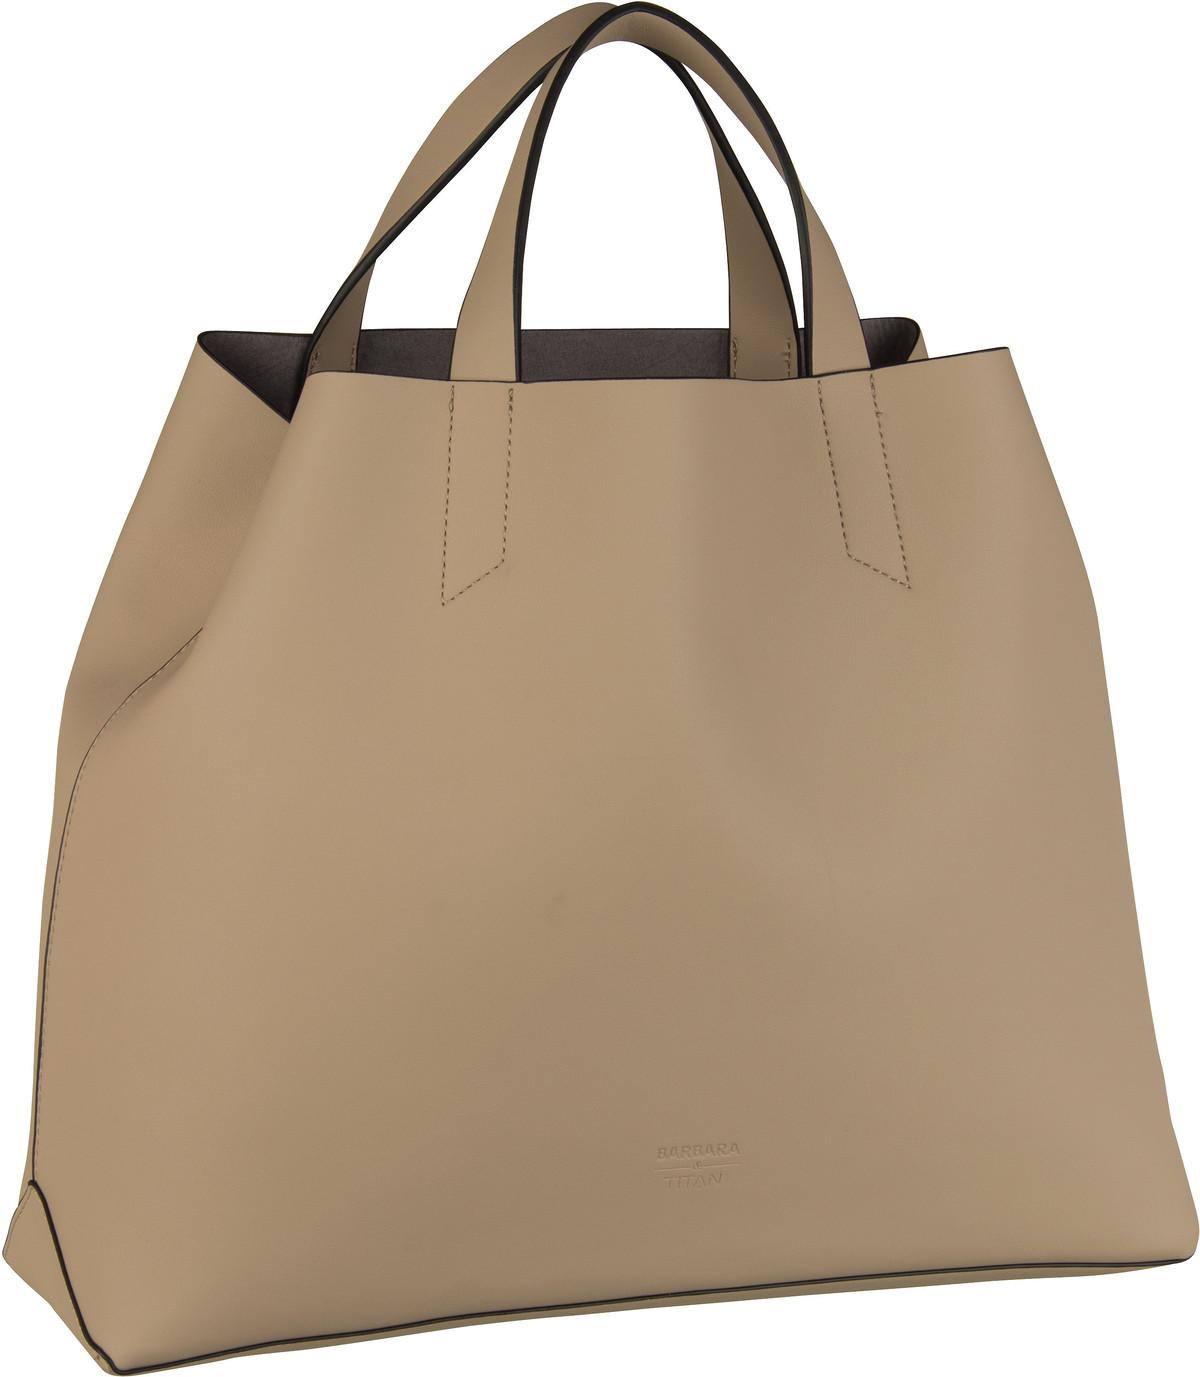 Handtasche Barbara Pure Handbag Sand (16 Liter)